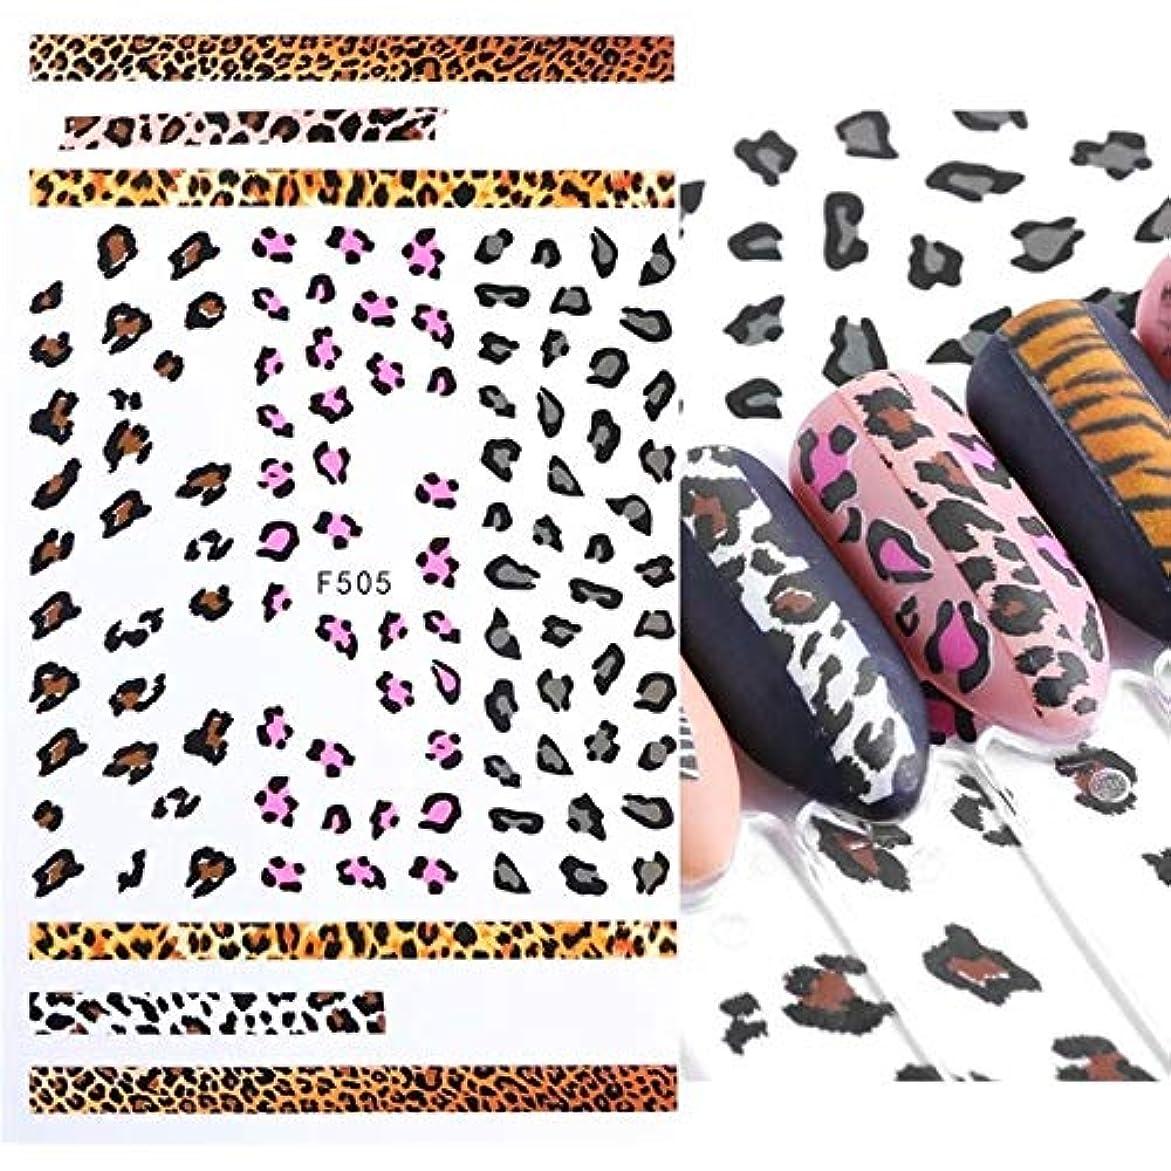 栄光ダイアクリティカル効率SUKTI&XIAO ネイルステッカー 1ピースネイルステッカーヒョウ柄動物パターンデザイン3D粘着マニキュアツールスライダーネイルアート装飾